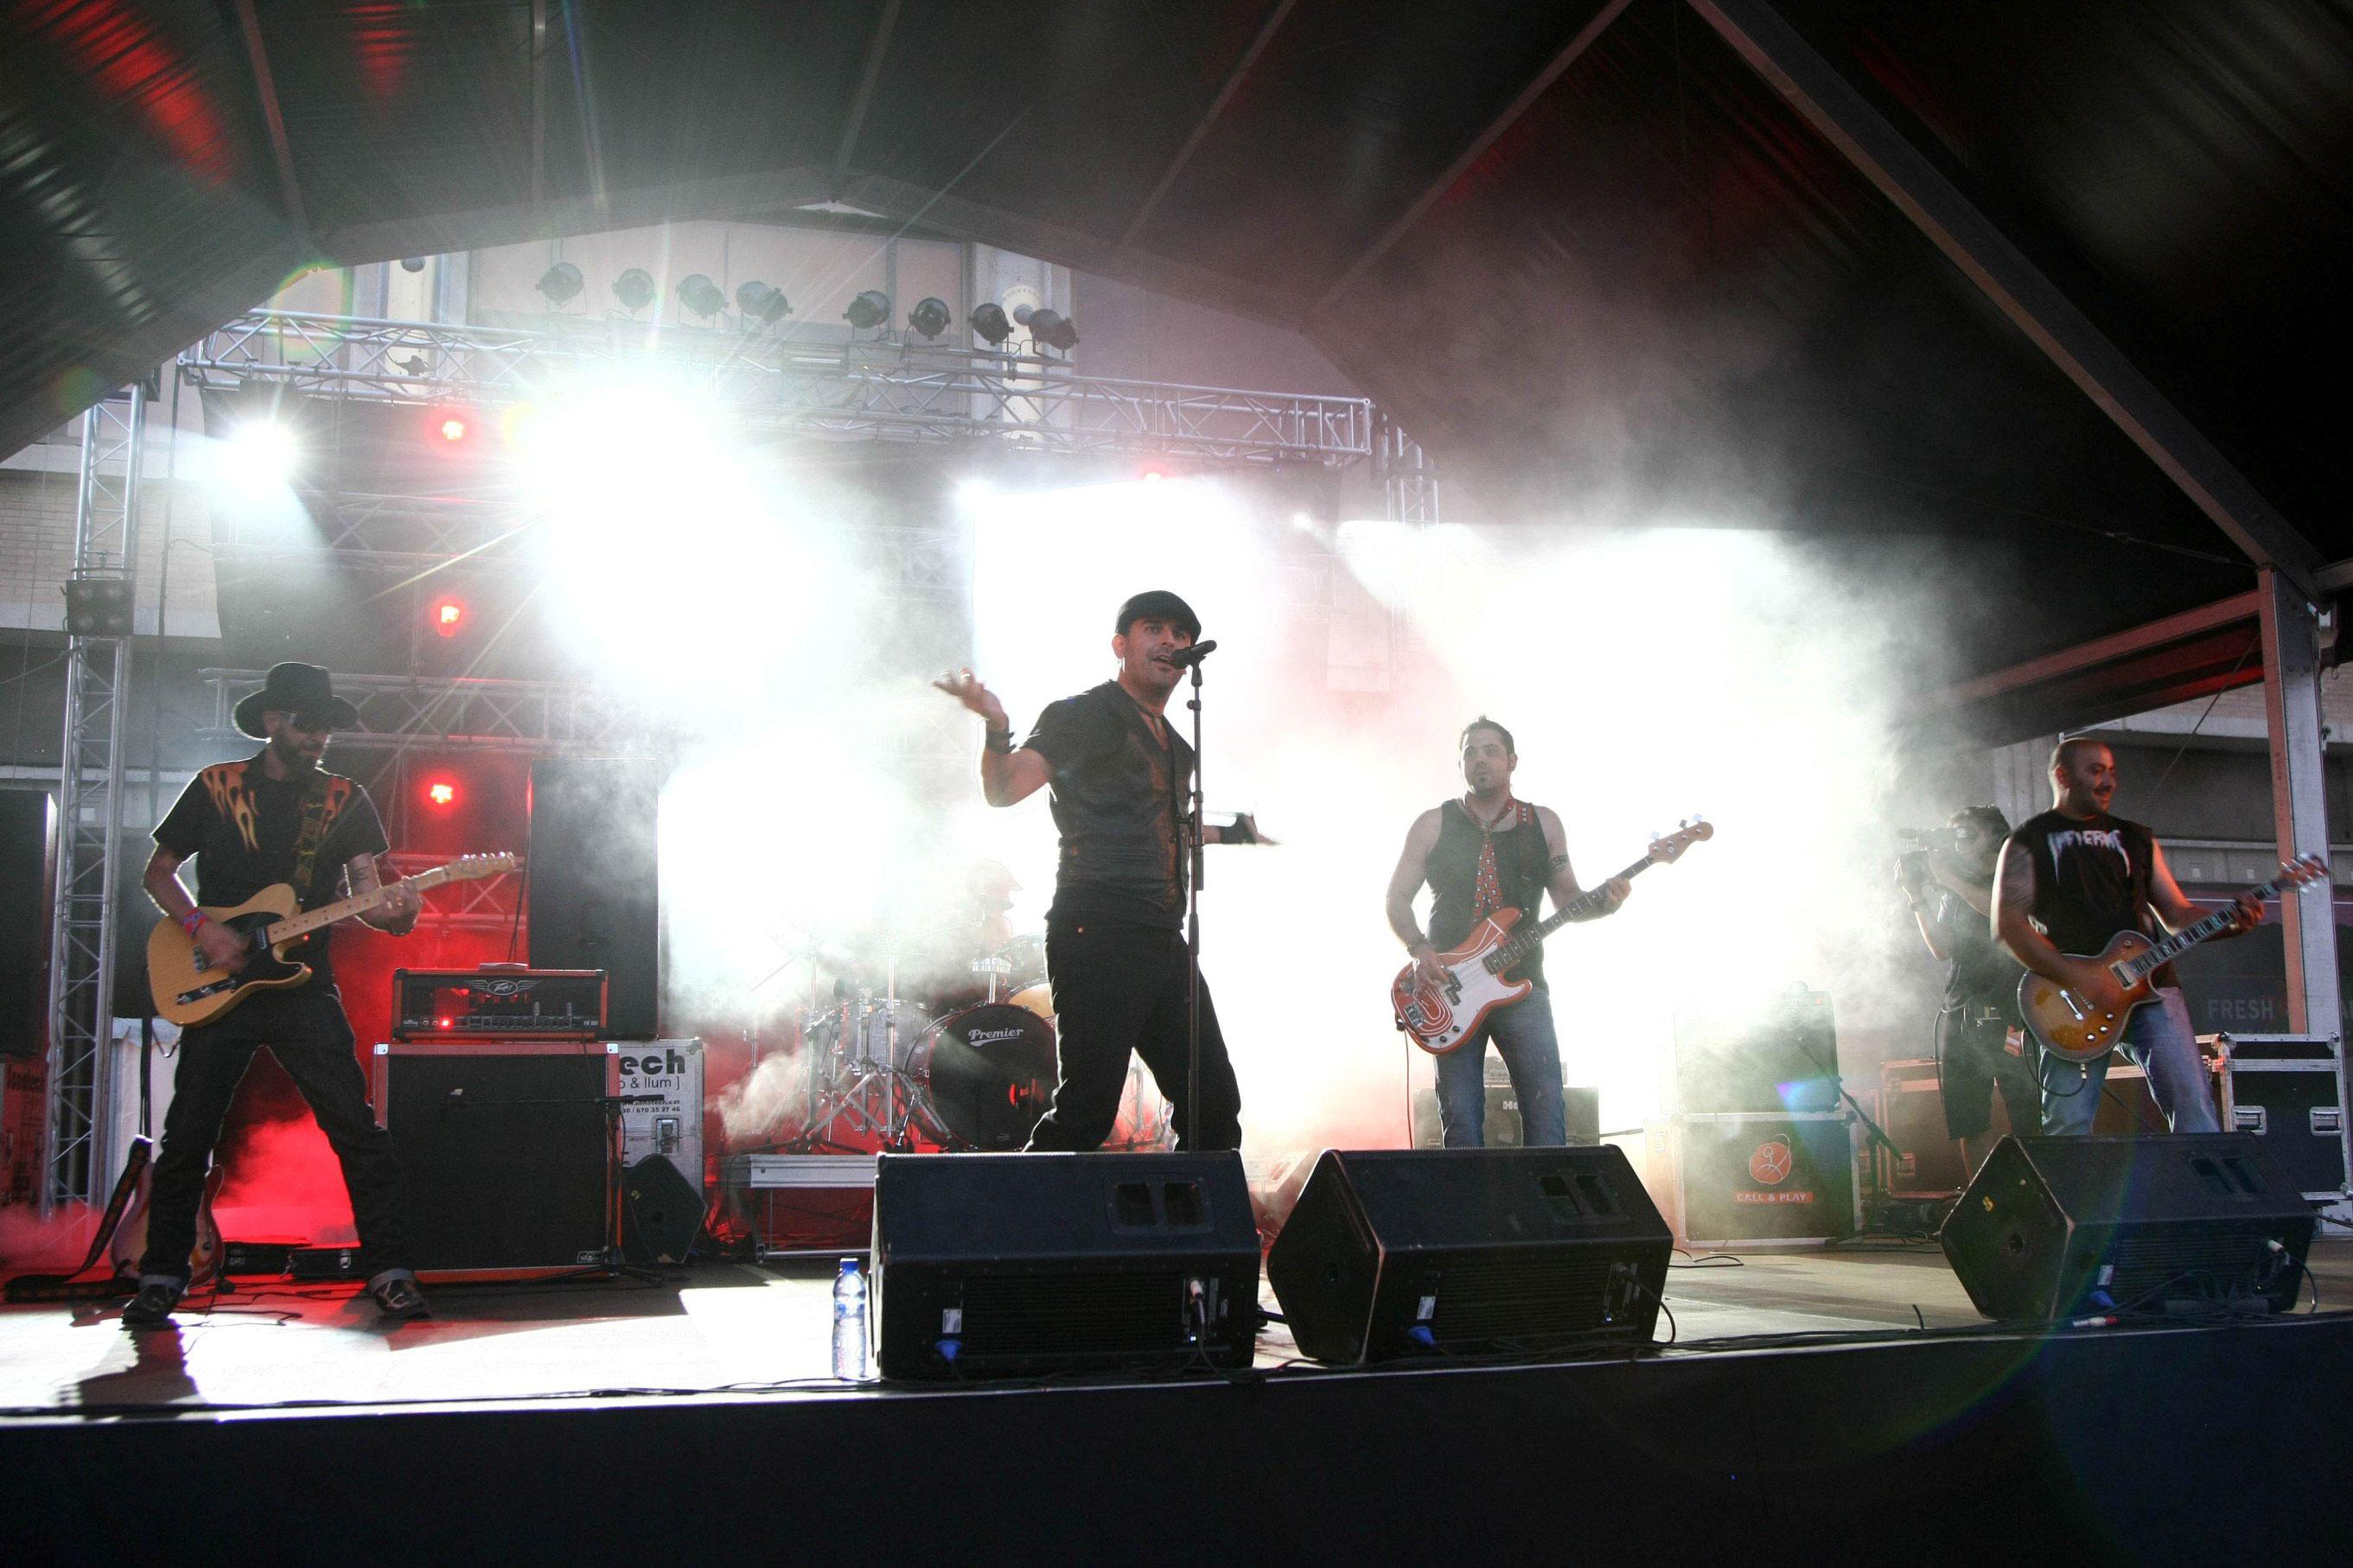 Harley-Davidson busca bandas de rock para actuar en el Salón MotoMadrid